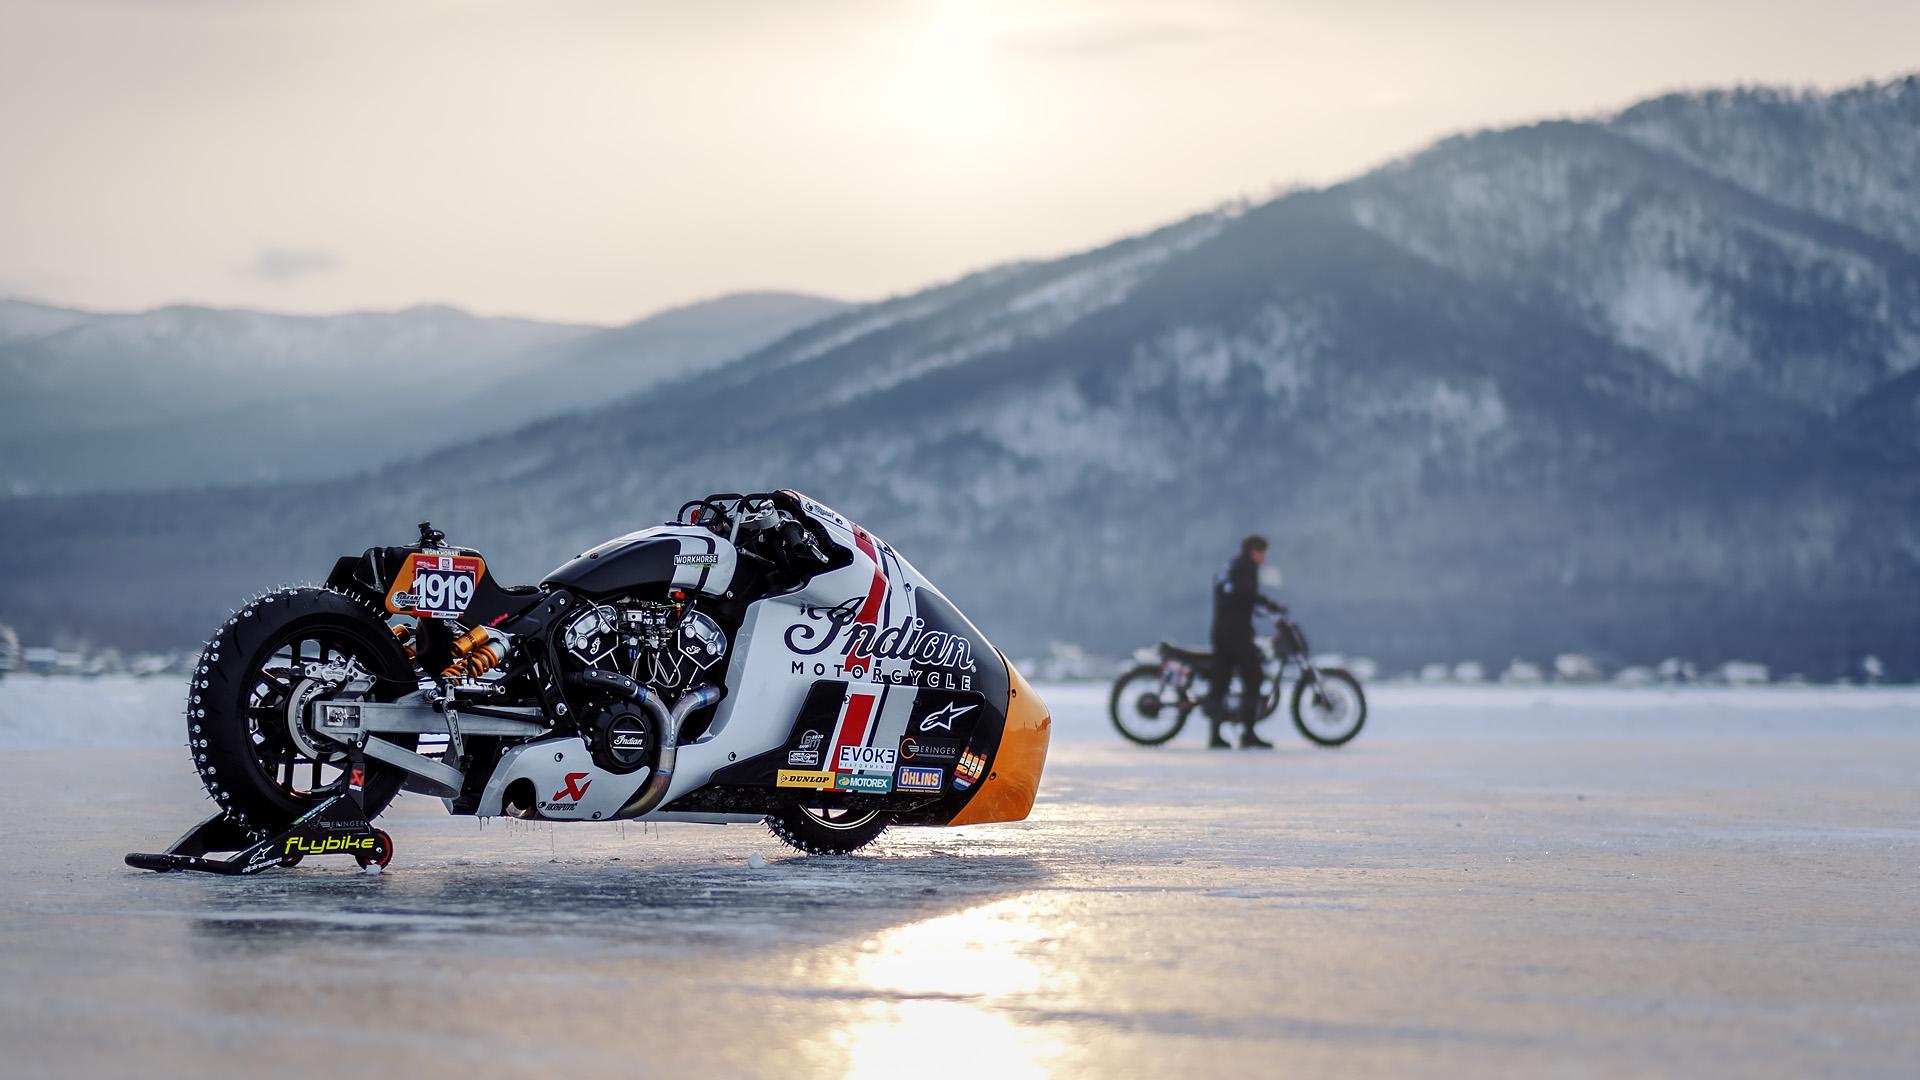 Байкальская Миля 2020 - Indian Motorcycle